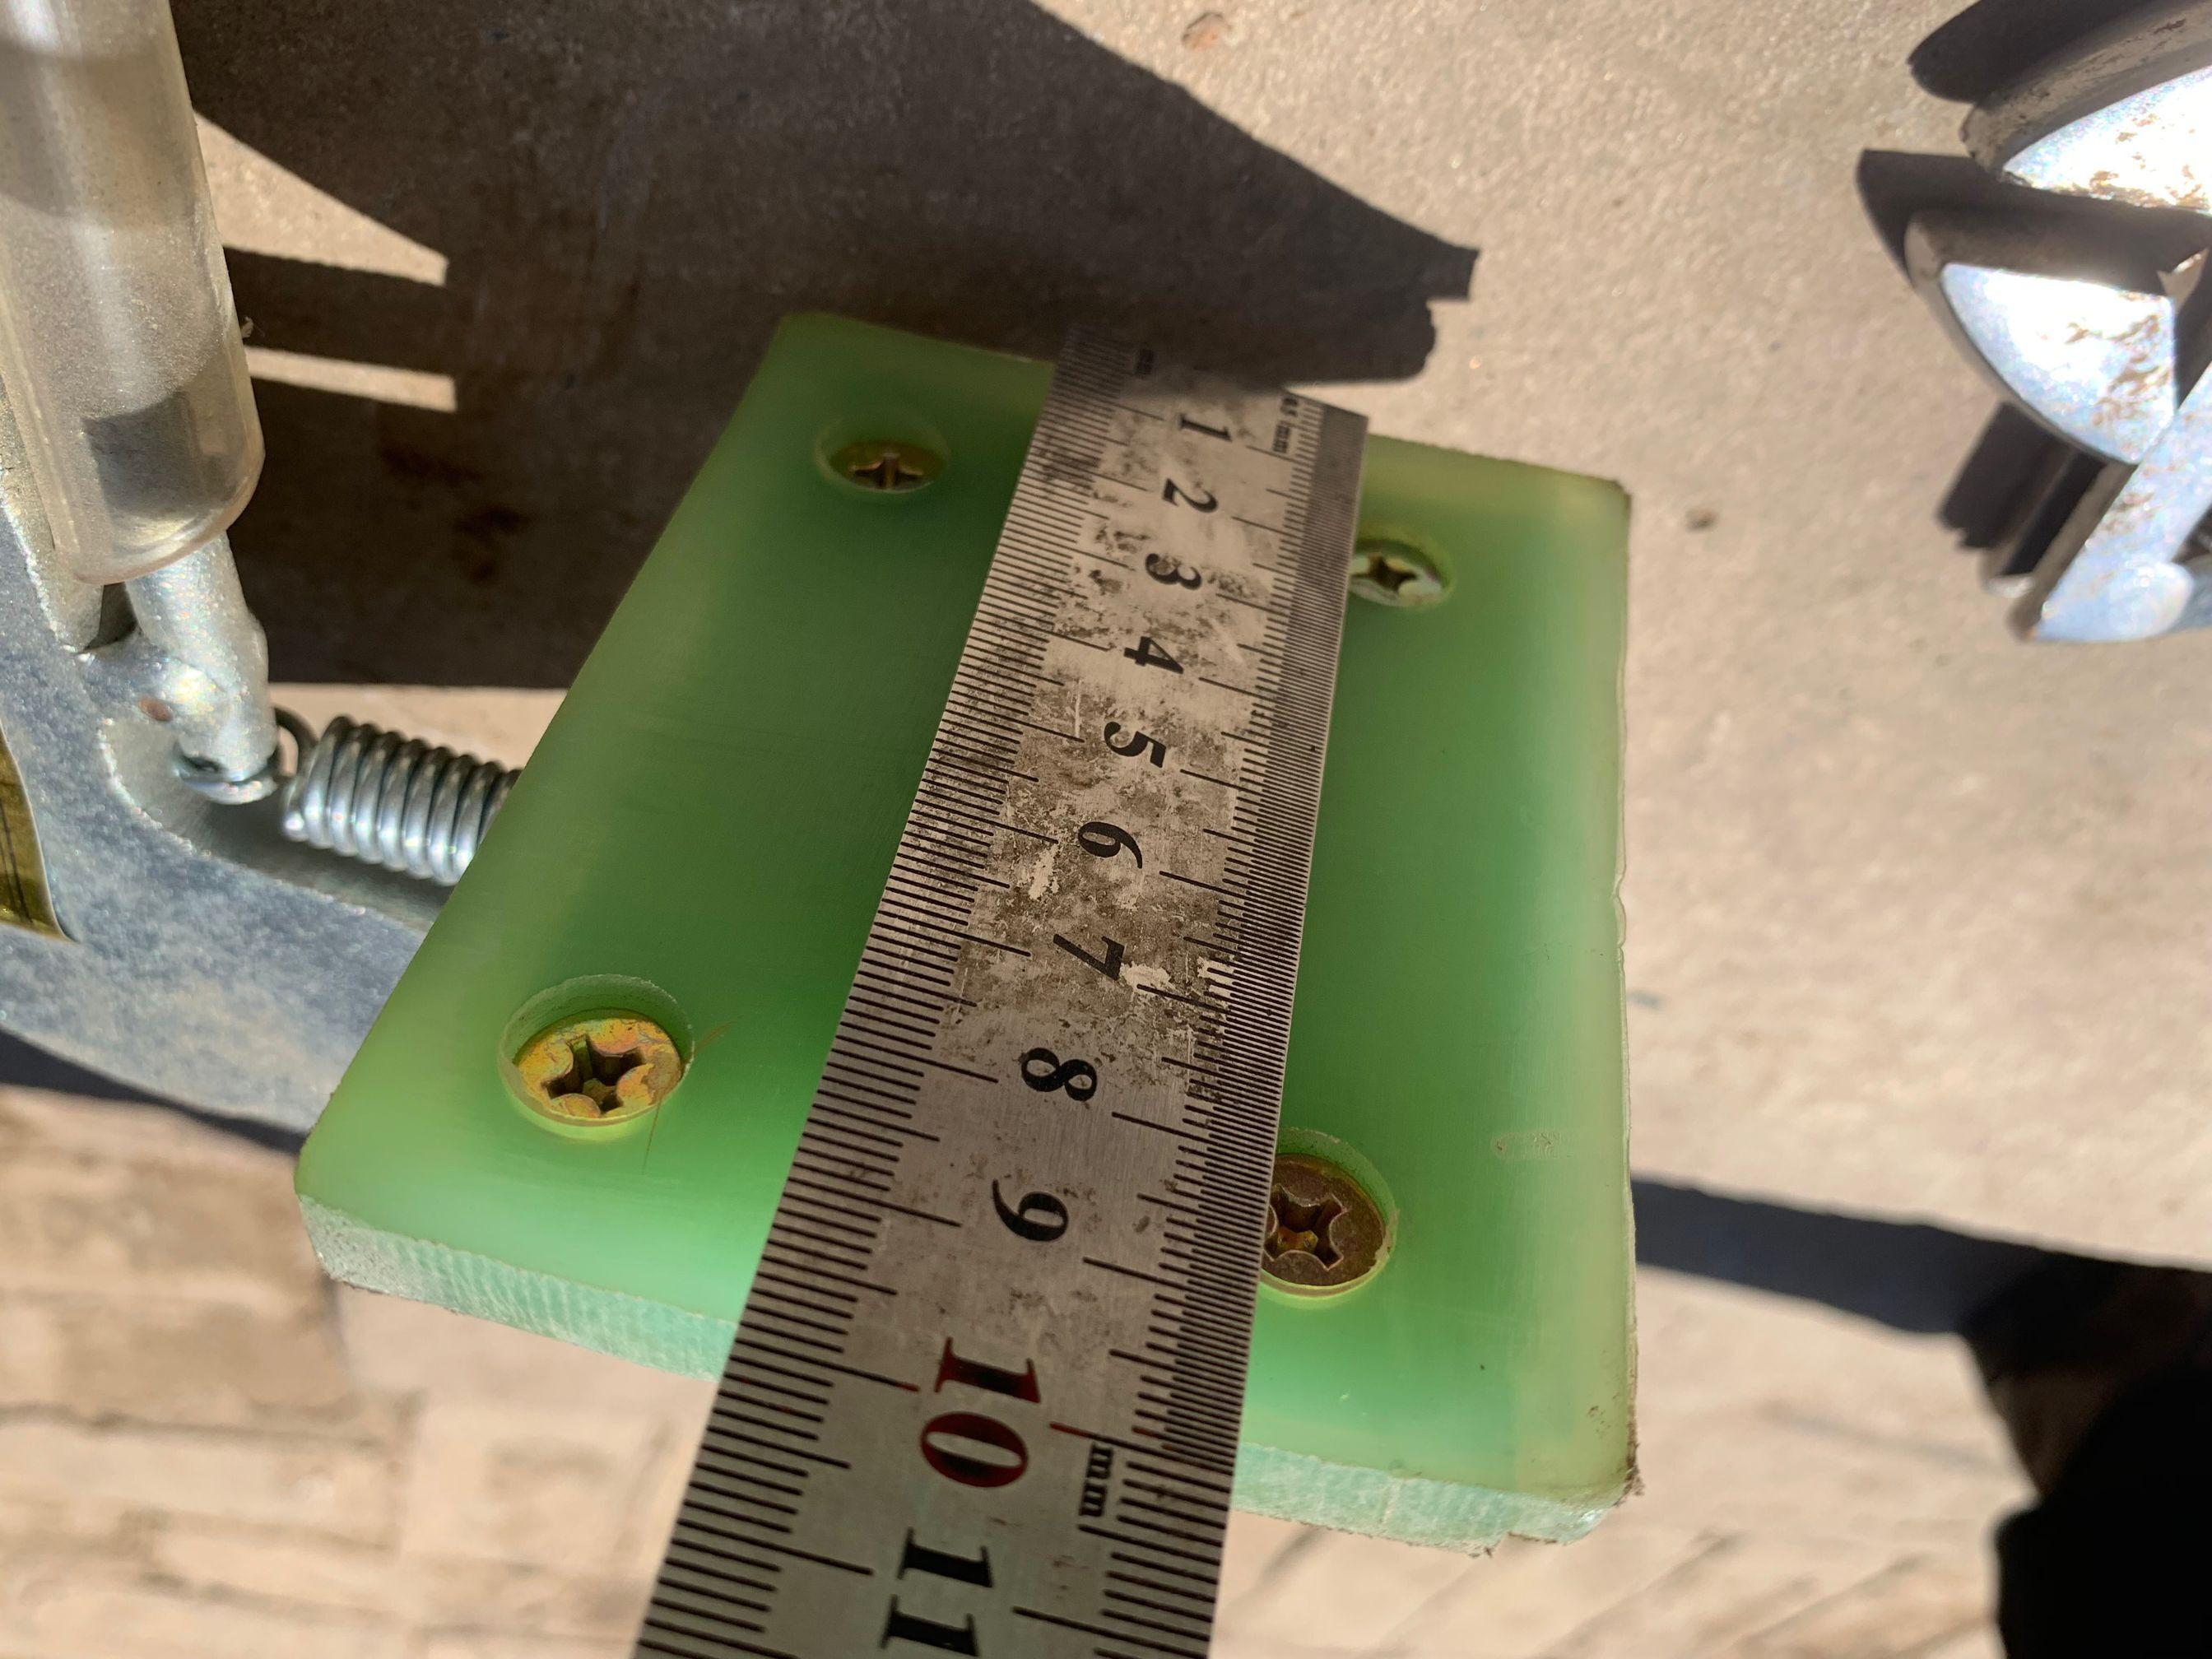 石材用吊夹具夹皮宽度图片细节尺寸--河北东圣吊索具制造有限公司--石材夹具|小型搅拌机|液压堆高车|手动叉车